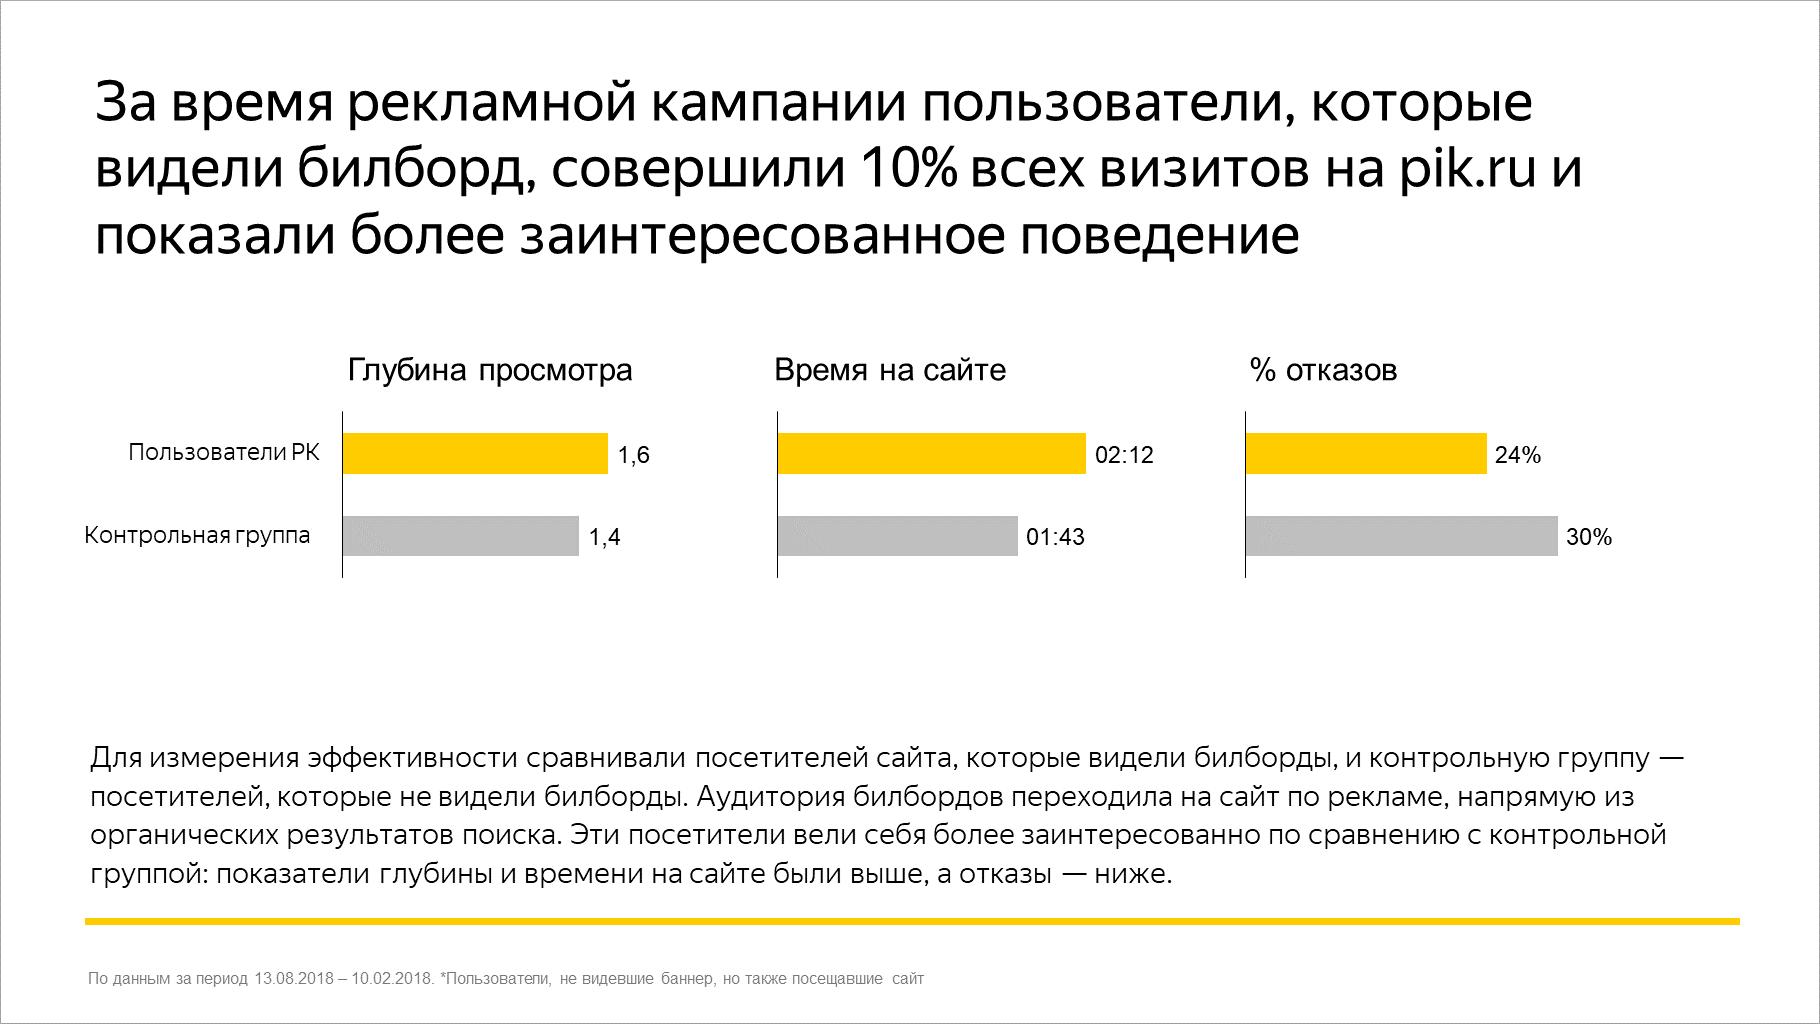 За время рекламной кампании пользователи, которые видели билборд, совершили 10% всех визитов на pik.ru и показали более заинтересованное поведение